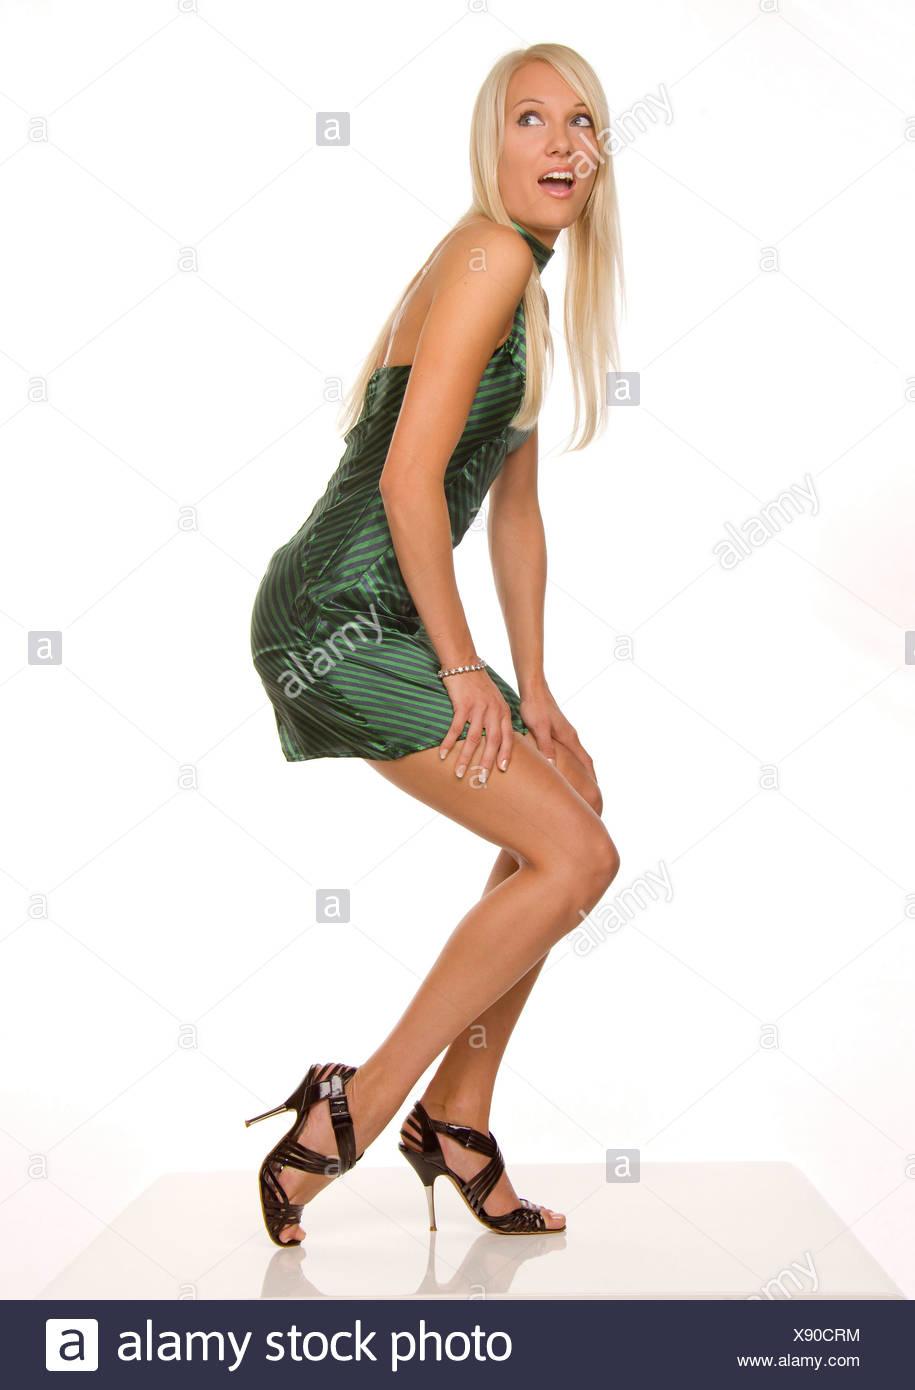 e0b86f2d5bab Short Skirt And High Heels Stock Photos & Short Skirt And High Heels ...